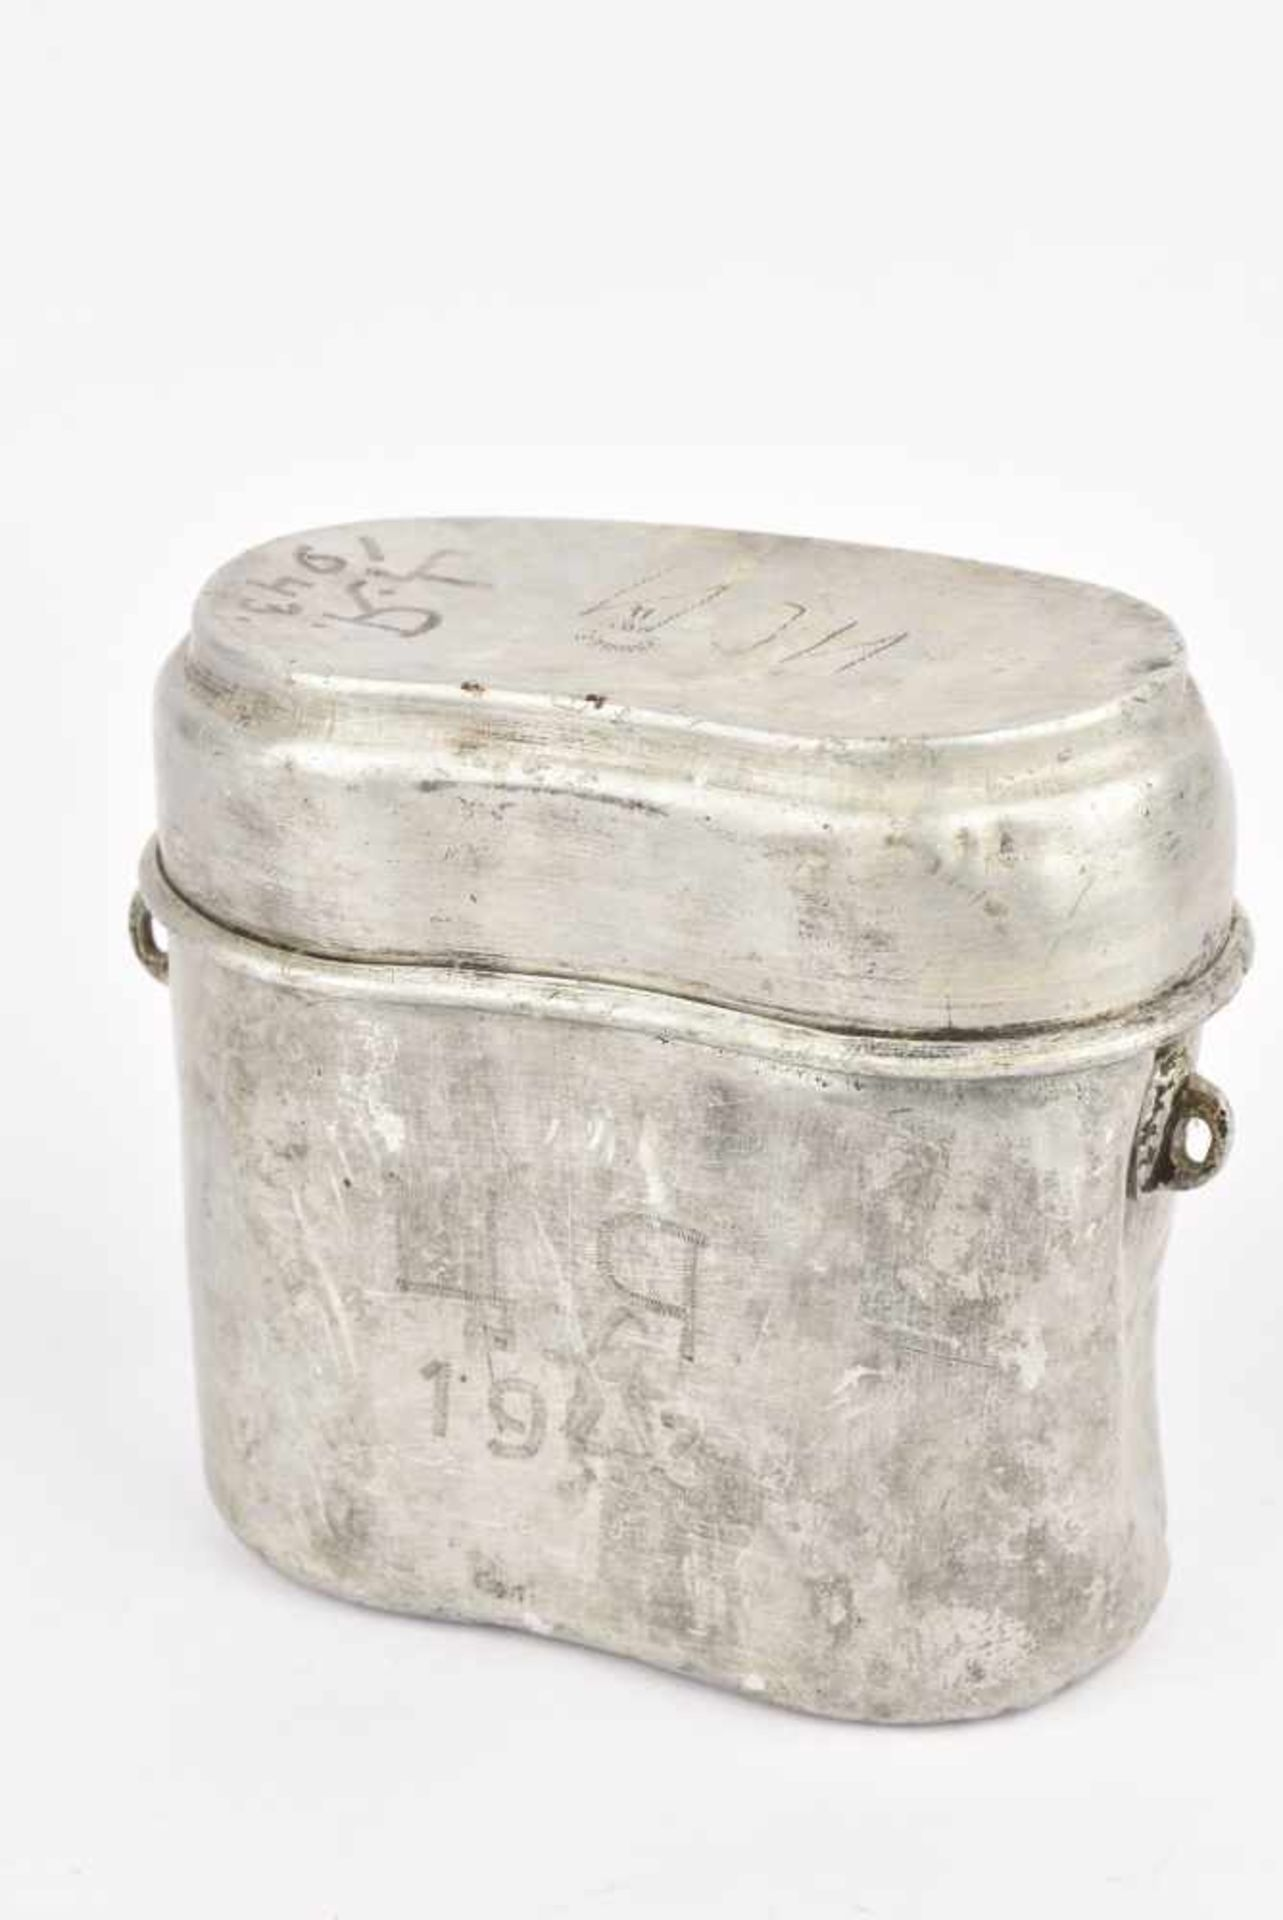 Gamelle M.36 datée 1940 avec inscription de 1943 (manque anse). Cette pièce provient de la